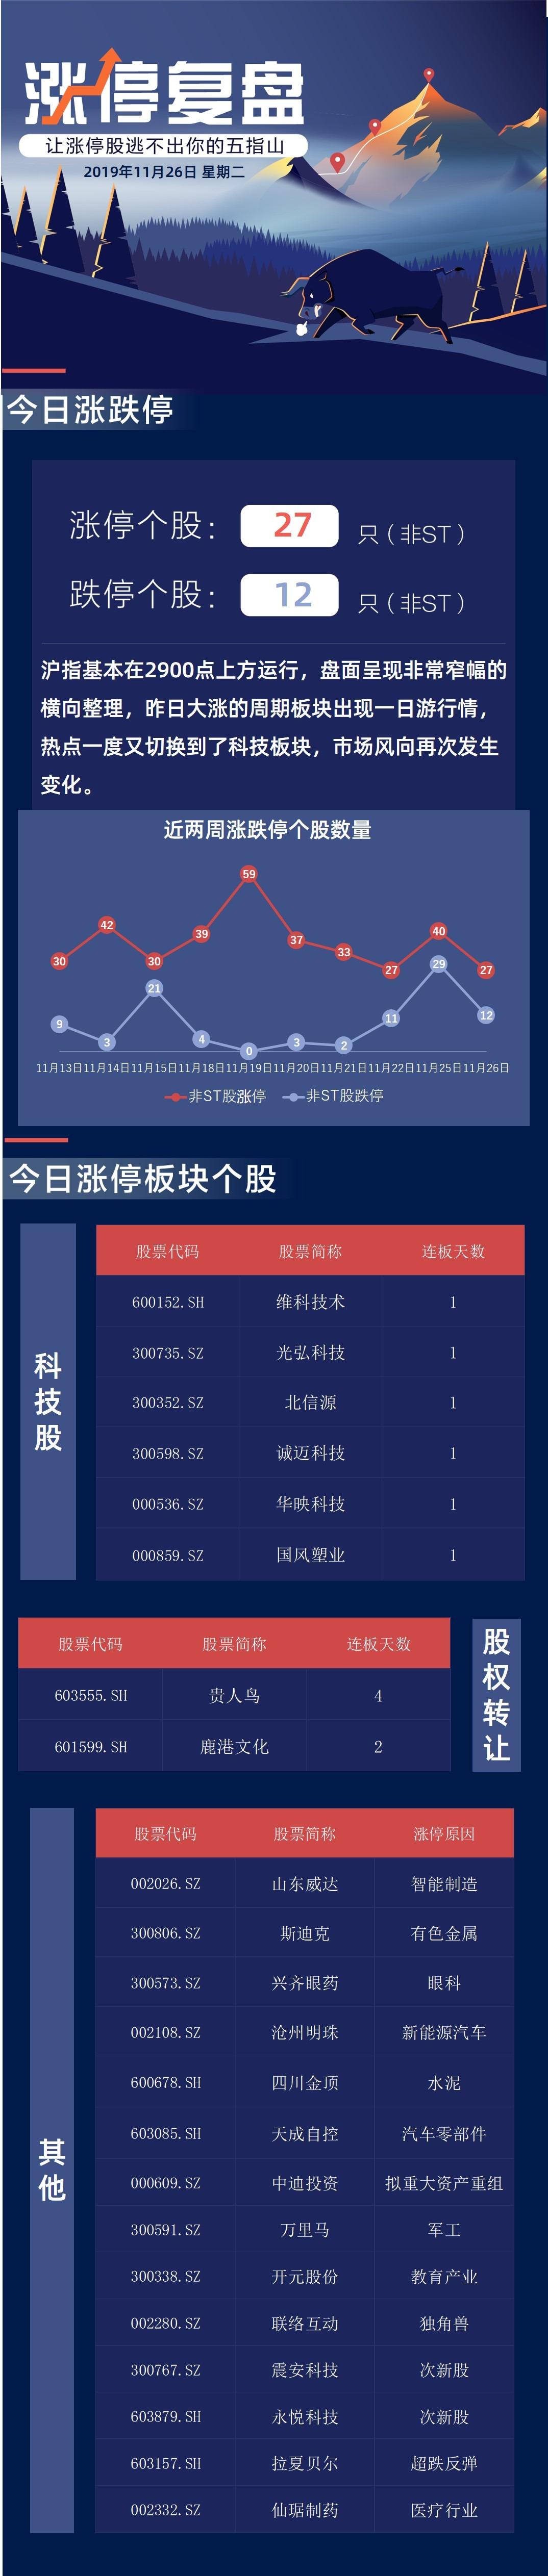 广州亚运热线重开通7*24小时双语服务抗疫